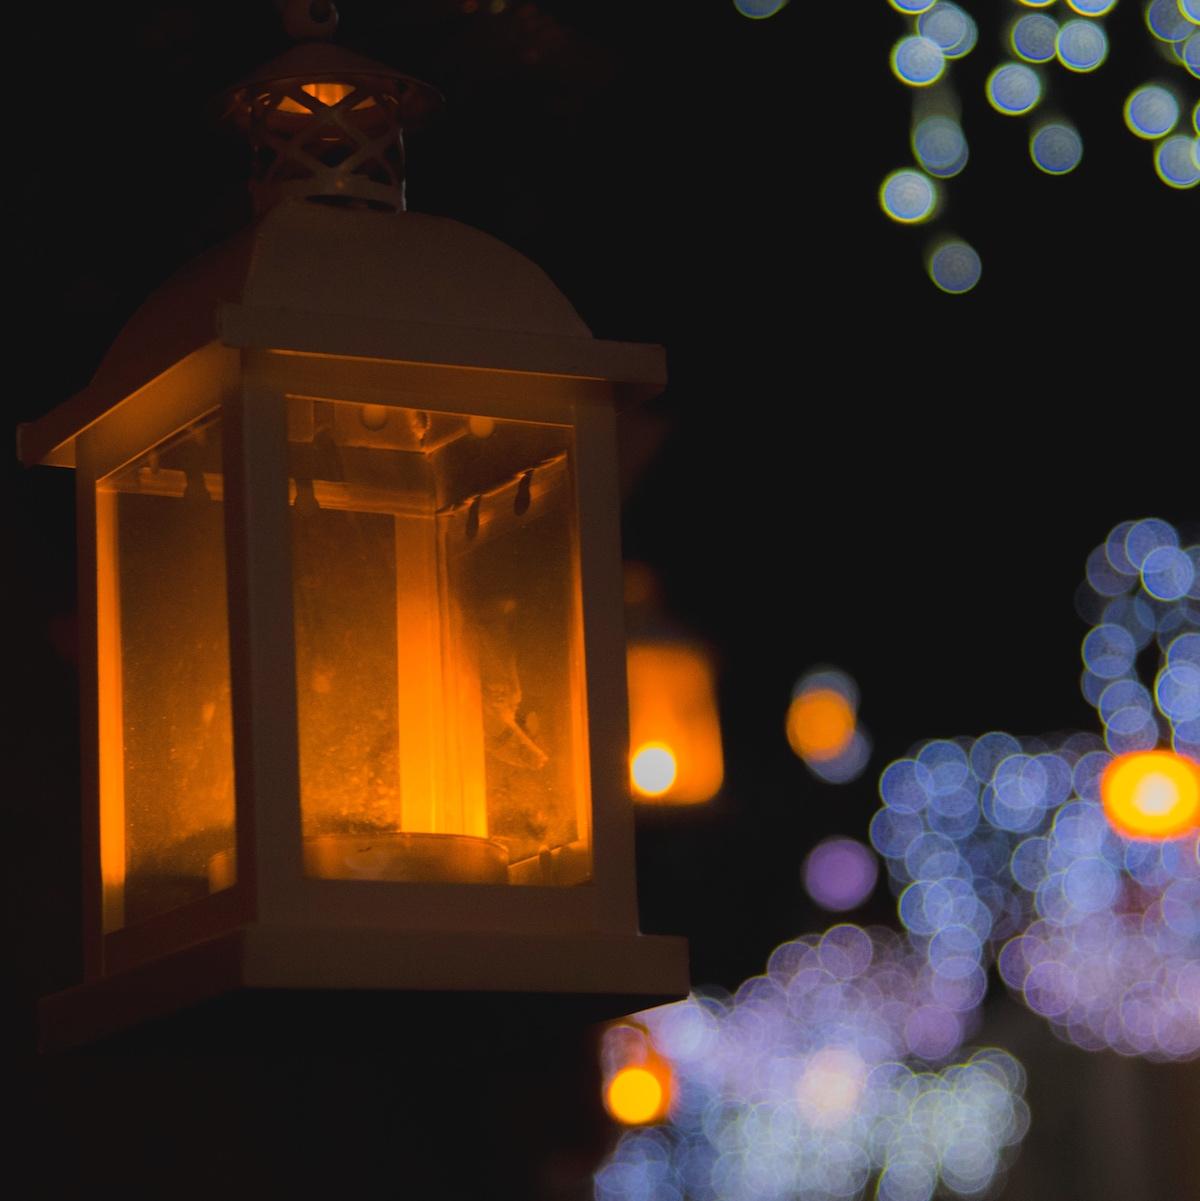 Teneriffa bietet mit seinem milden Wetter im Dezember den perfekten Ort für ein entspanntes Weihnachten. Zwar fällt dann eine weiße Weihnacht flach, aber Kanarenurlauber freuen sich auf Temperaturen um die 20°C.